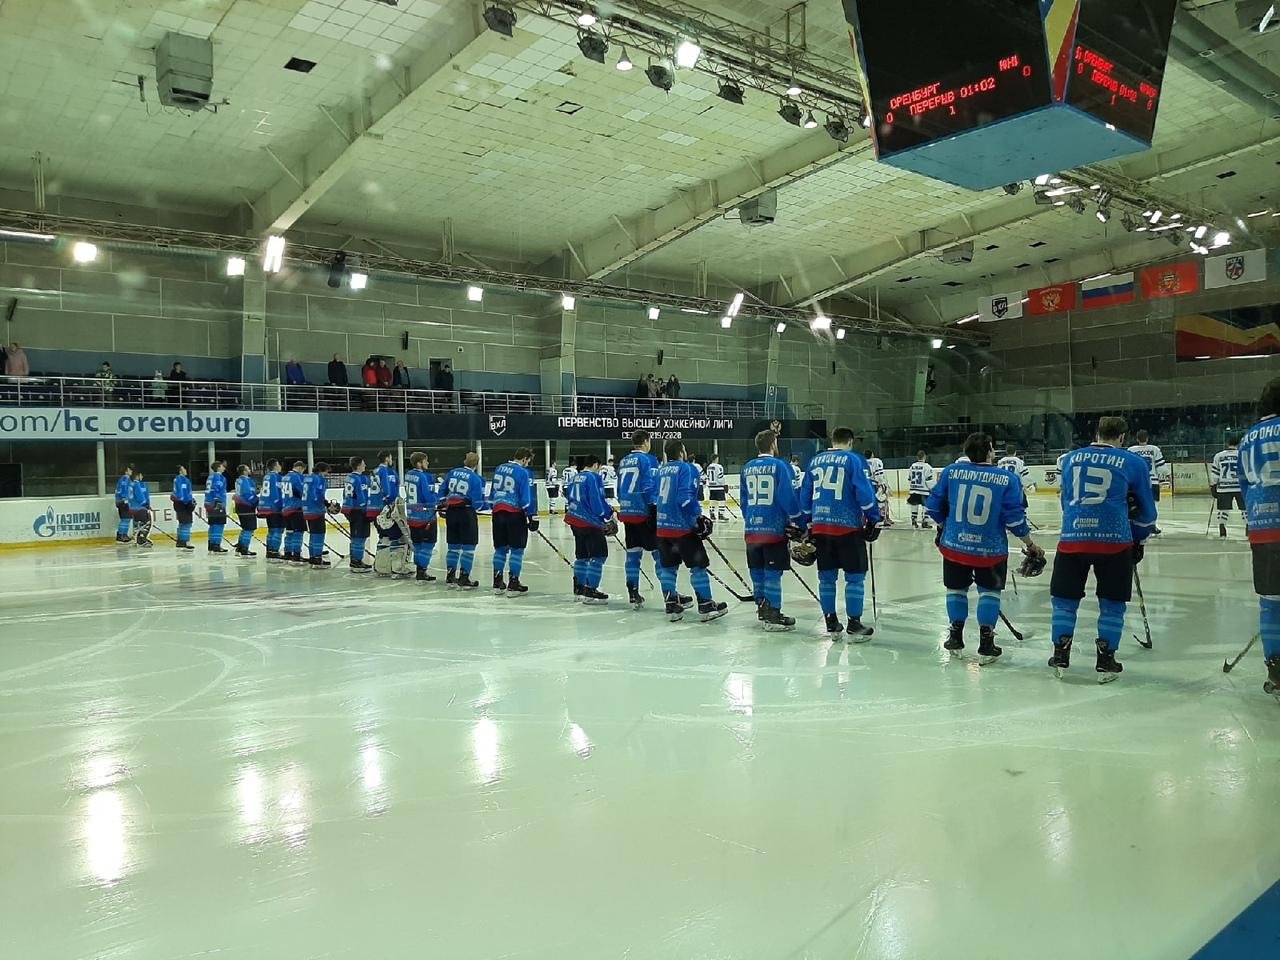 «Оренбург» спорно проиграл первую четвертьфинальную домашнюю игру